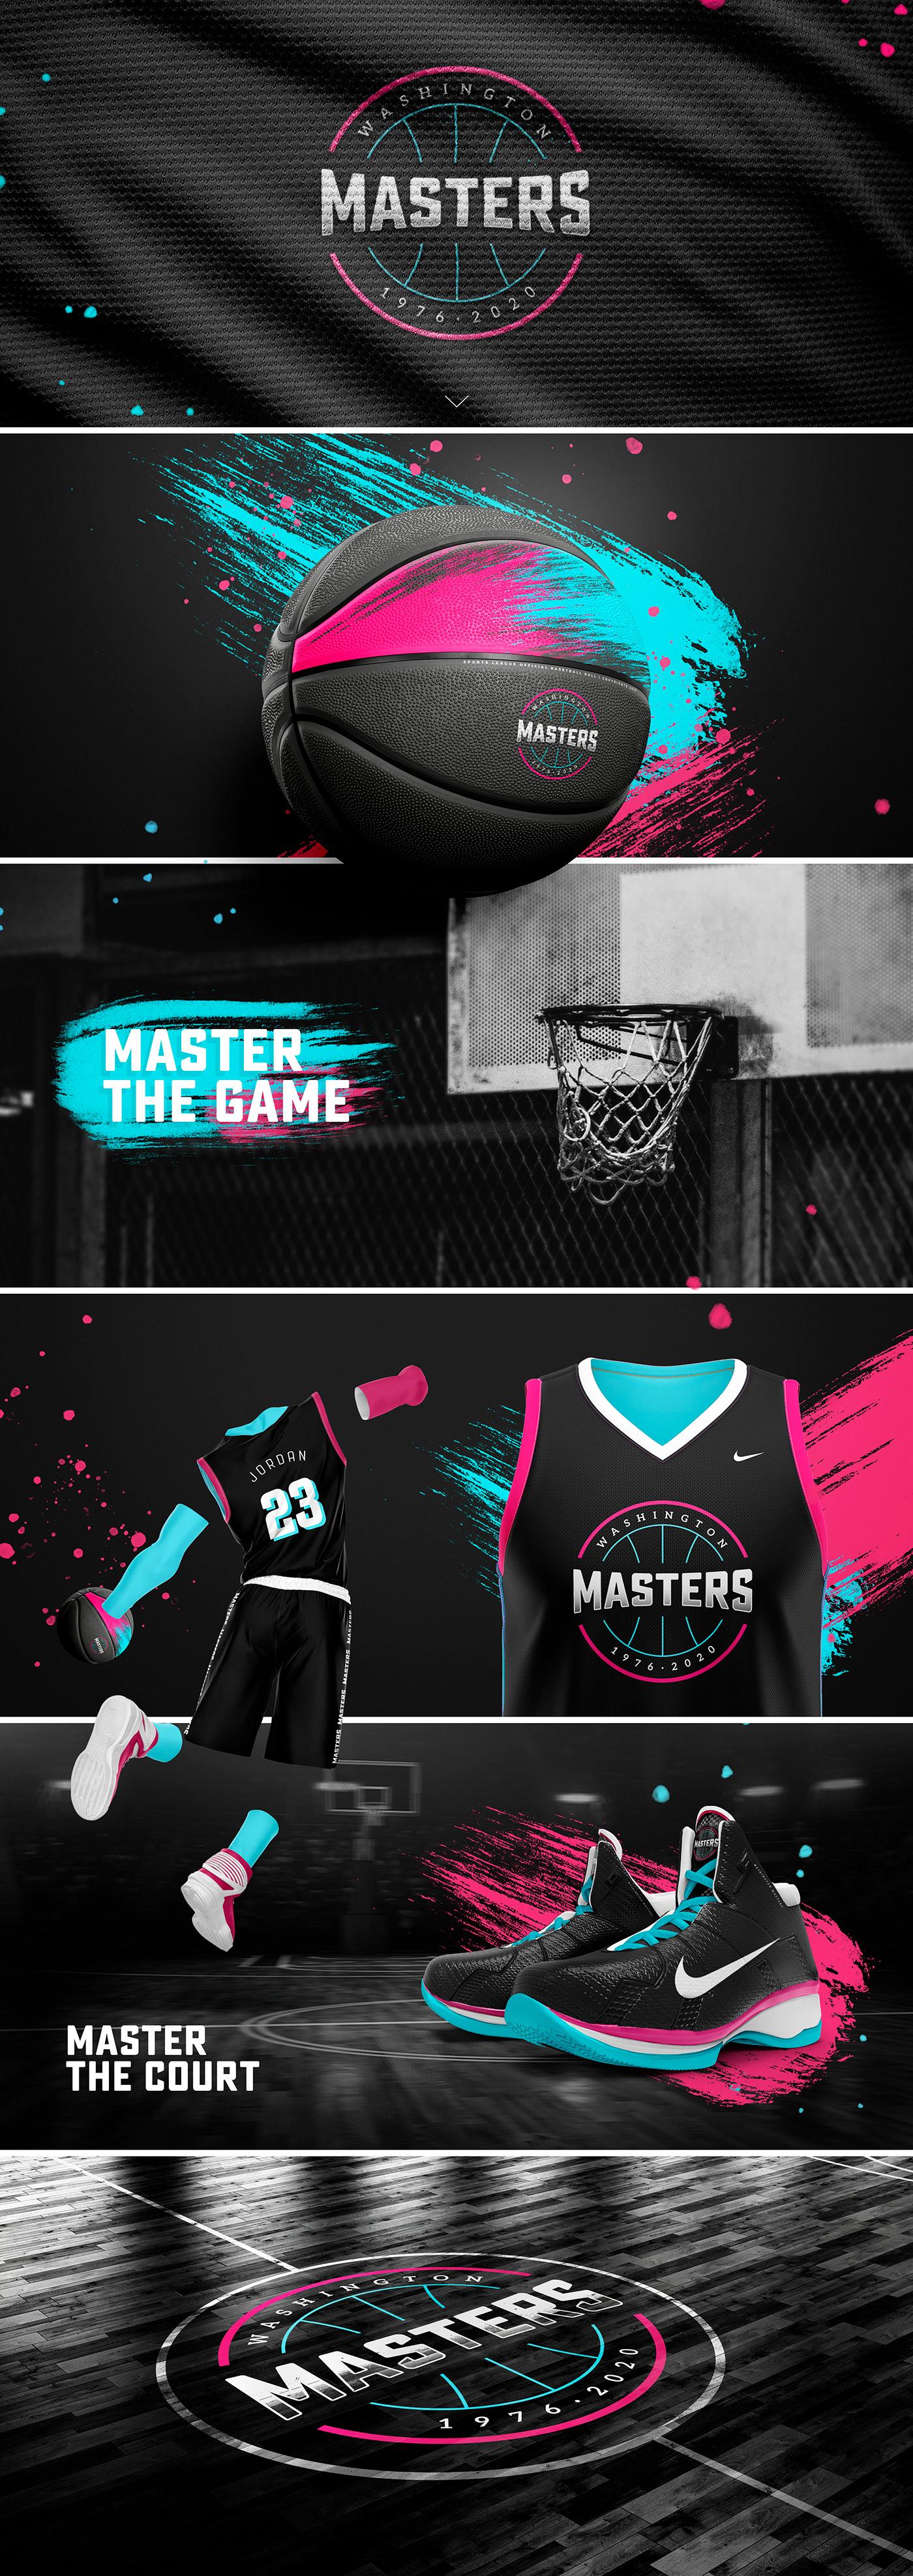 baloncesto basketball color diseño gráfico graphic design  logo Logotipo NBA Nike sport